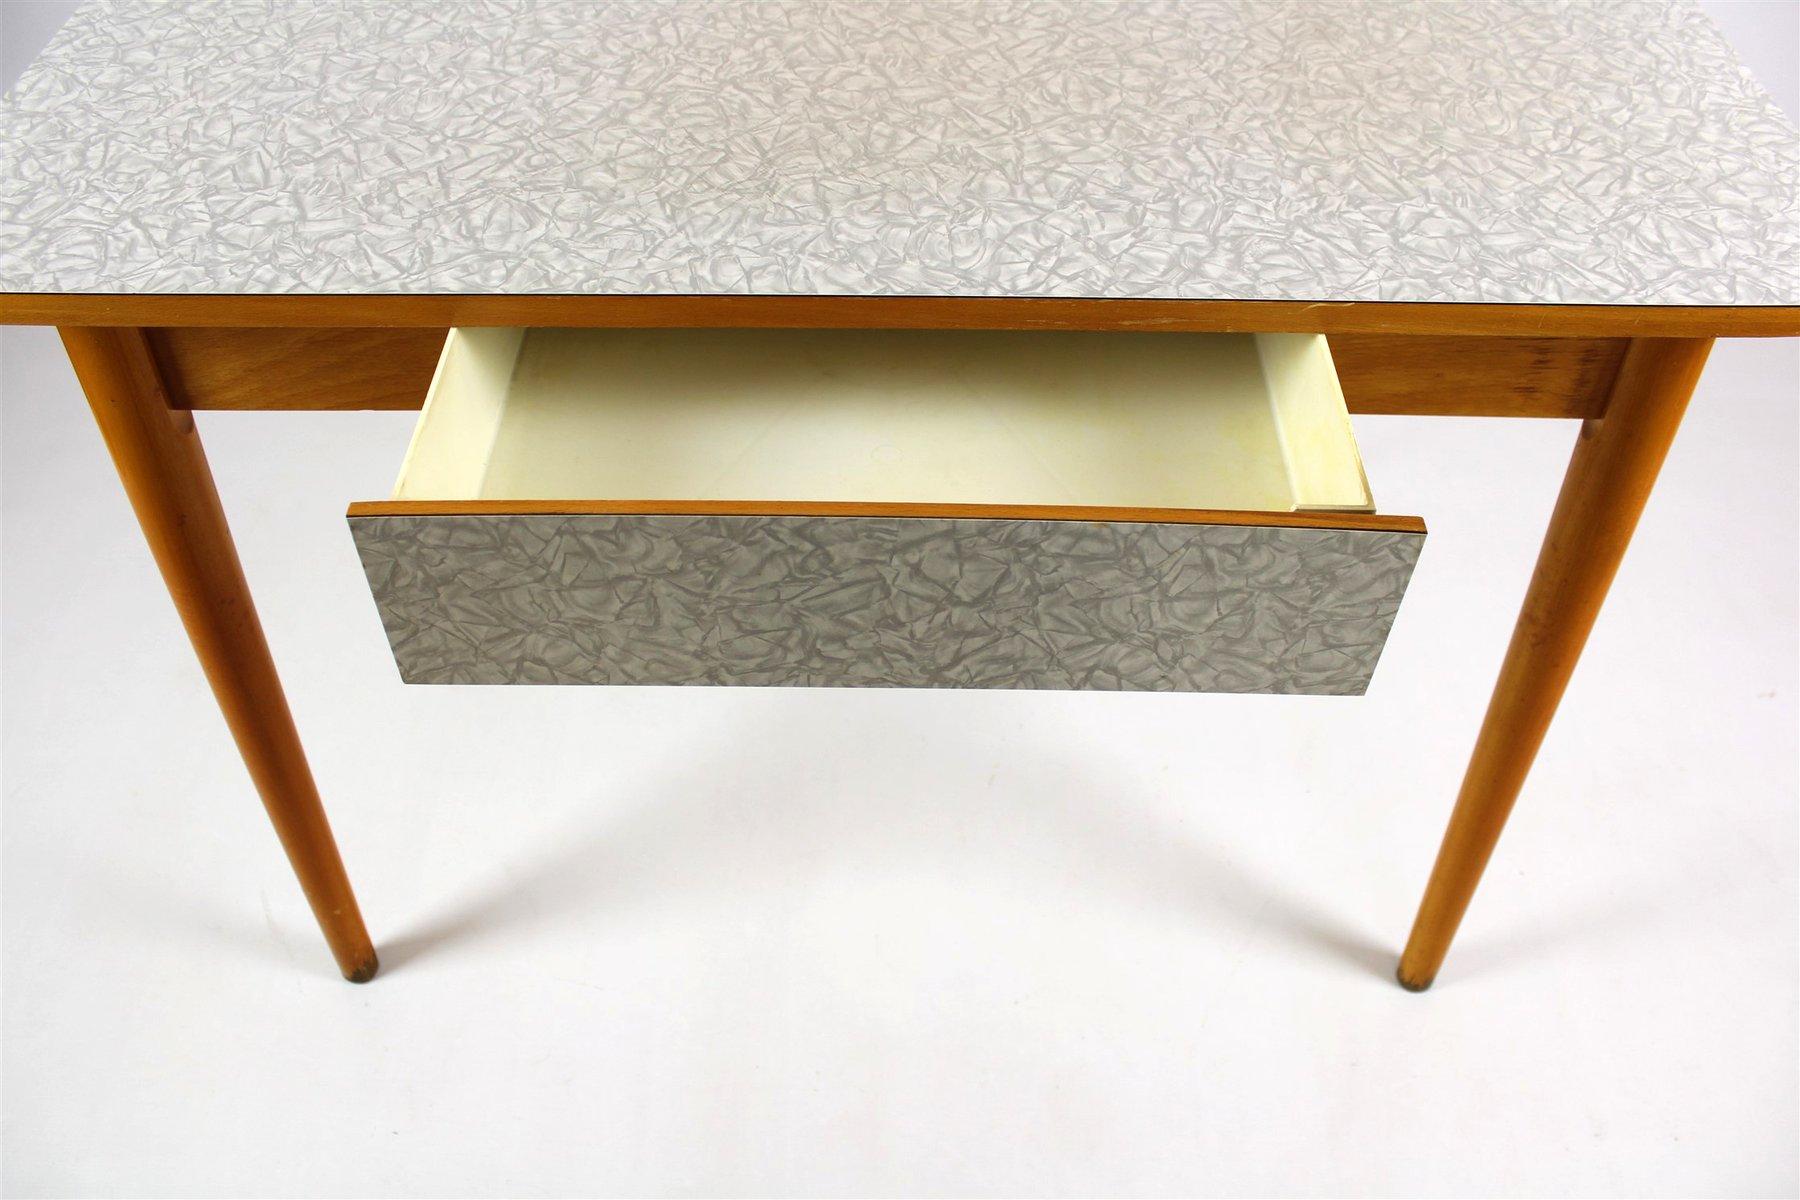 Tavolo da cucina in legno di formica di jitona anni 39 60 for Tavolo legno cucina